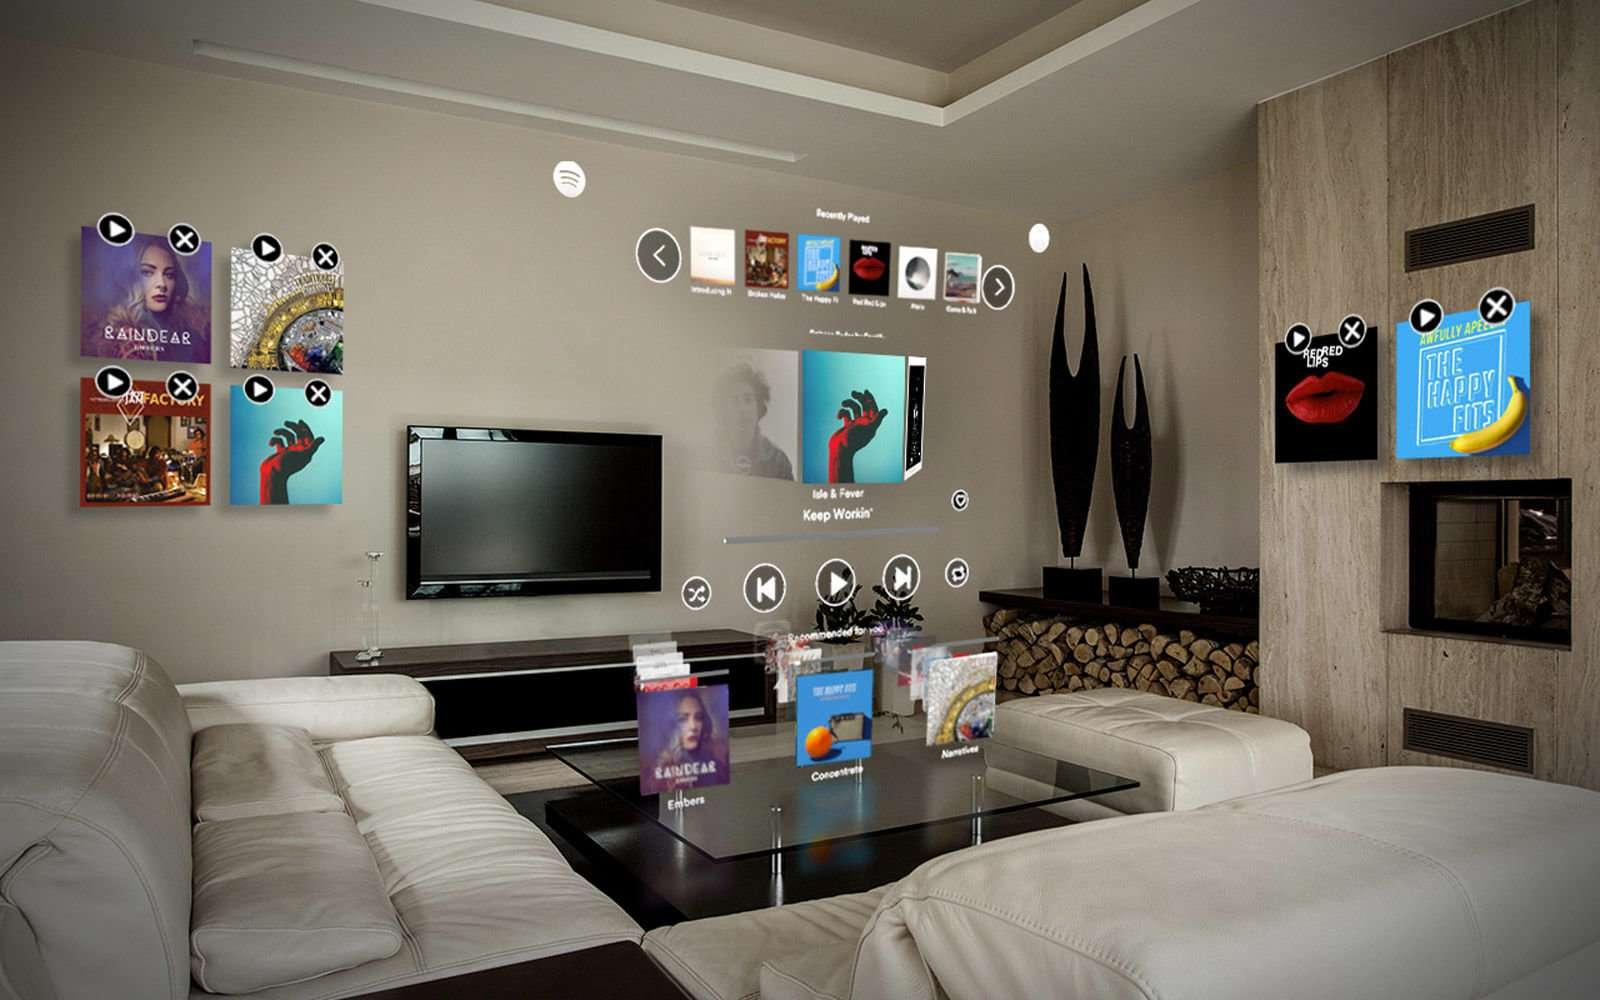 Et si vous accrochiez votre musique préférée aux murs ? © Spotify